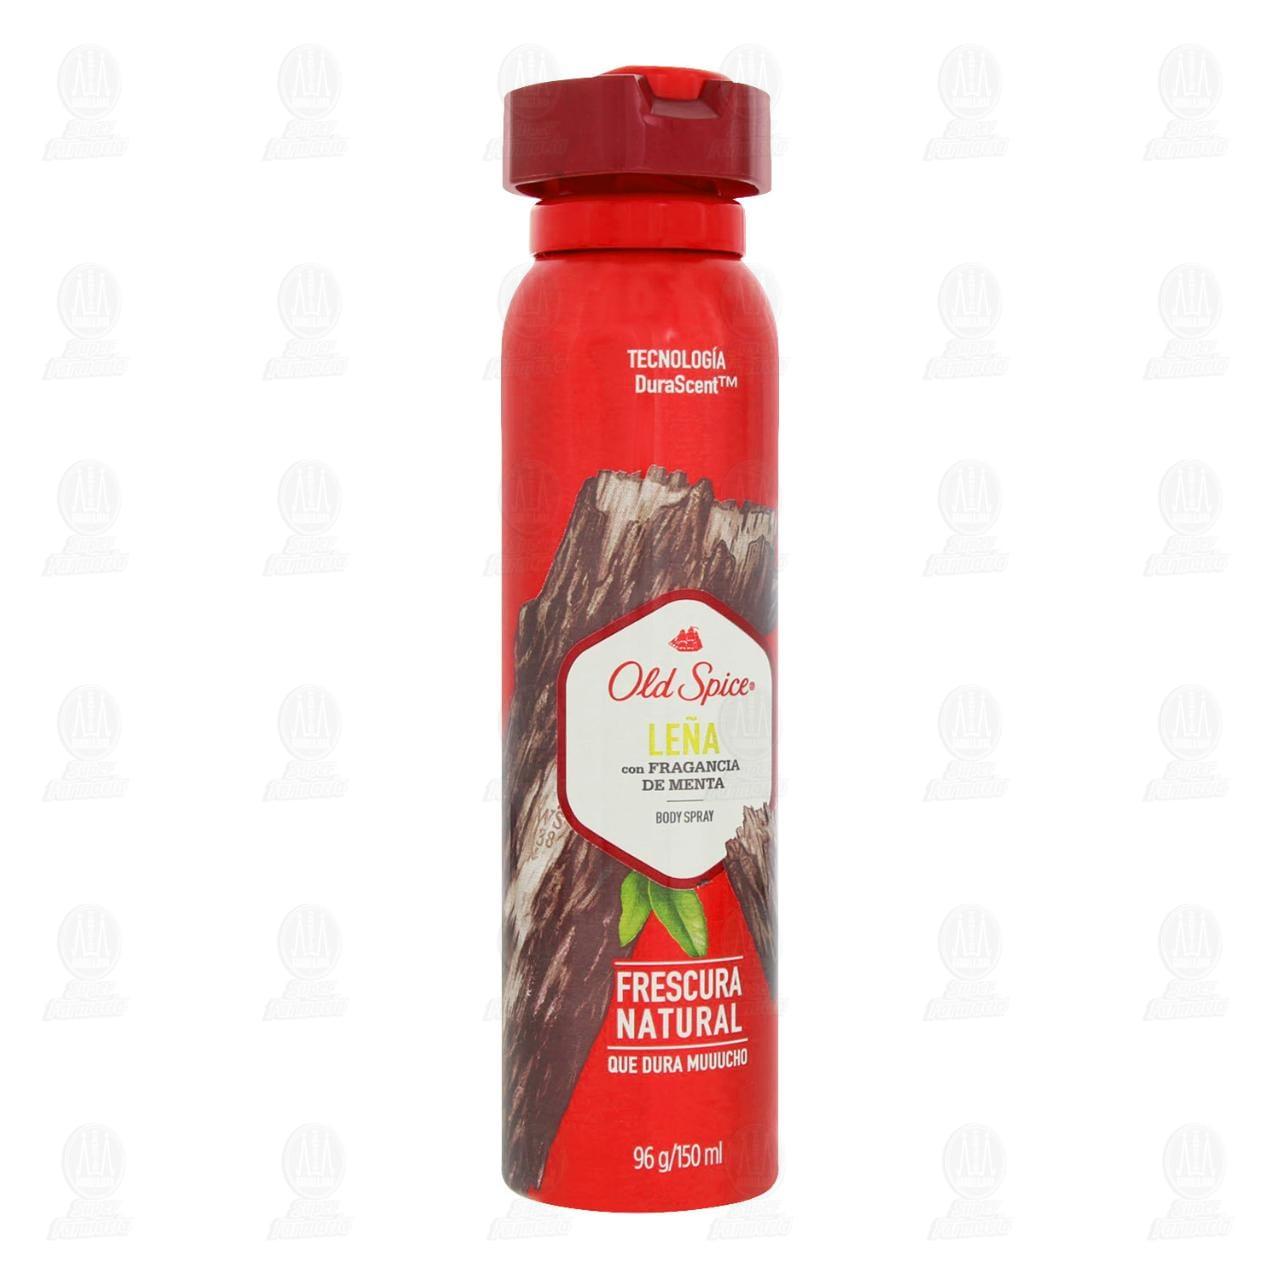 Comprar Desodorante en Spray Old Spice Leña con Fragancia de Menta, 150 ml. en Farmacias Guadalajara